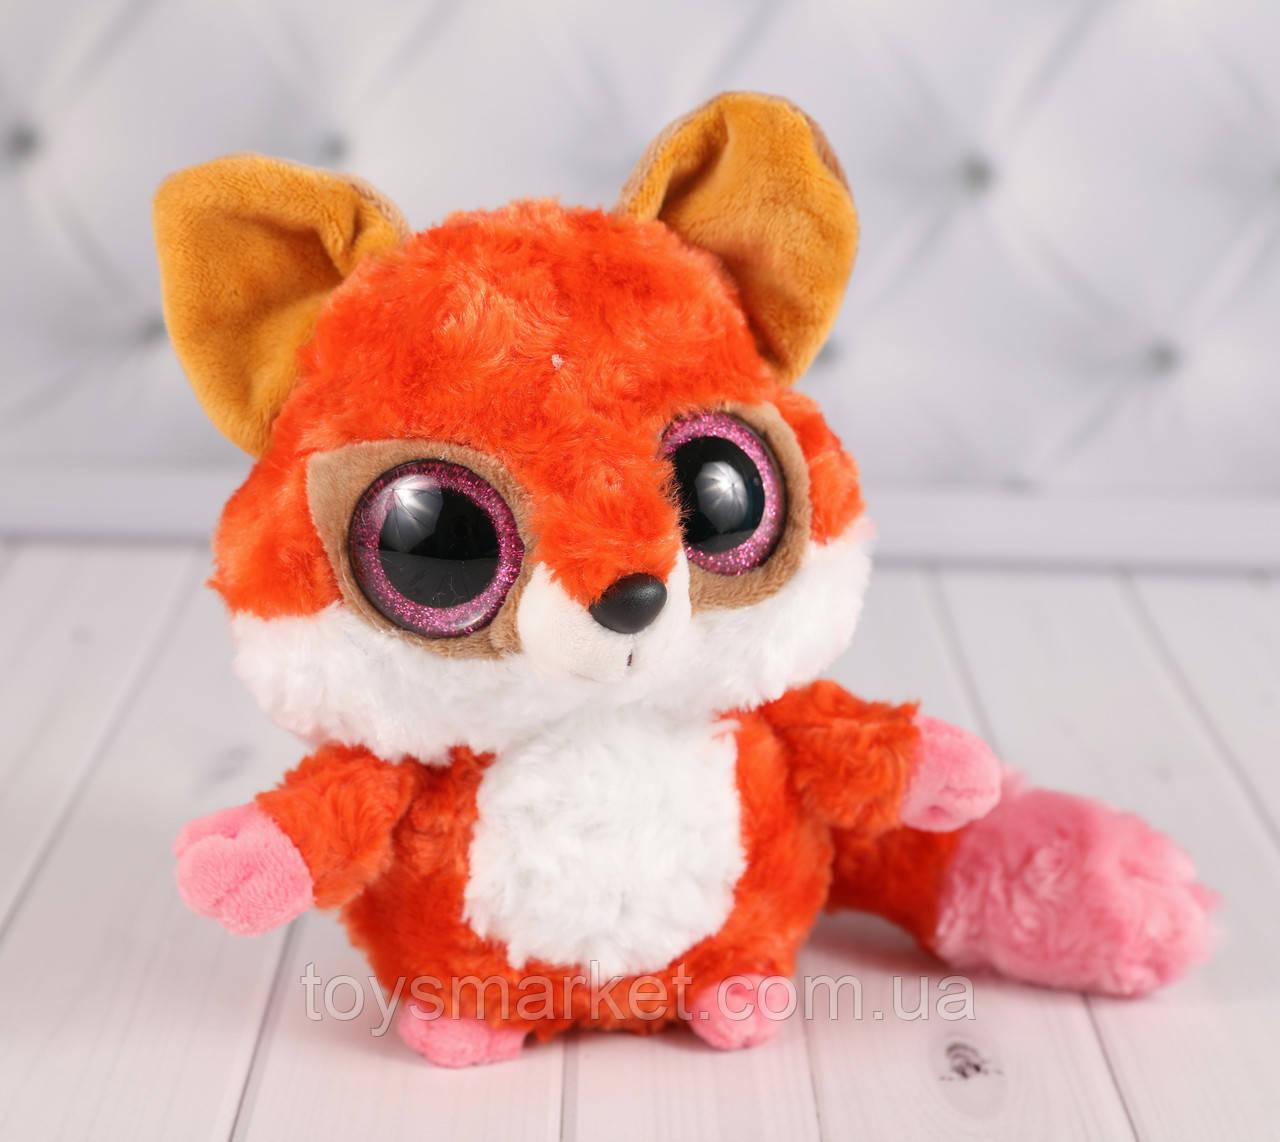 Мягкая игрушка чудо зверёк оранжевый, плюшевый зверёк 17 см.